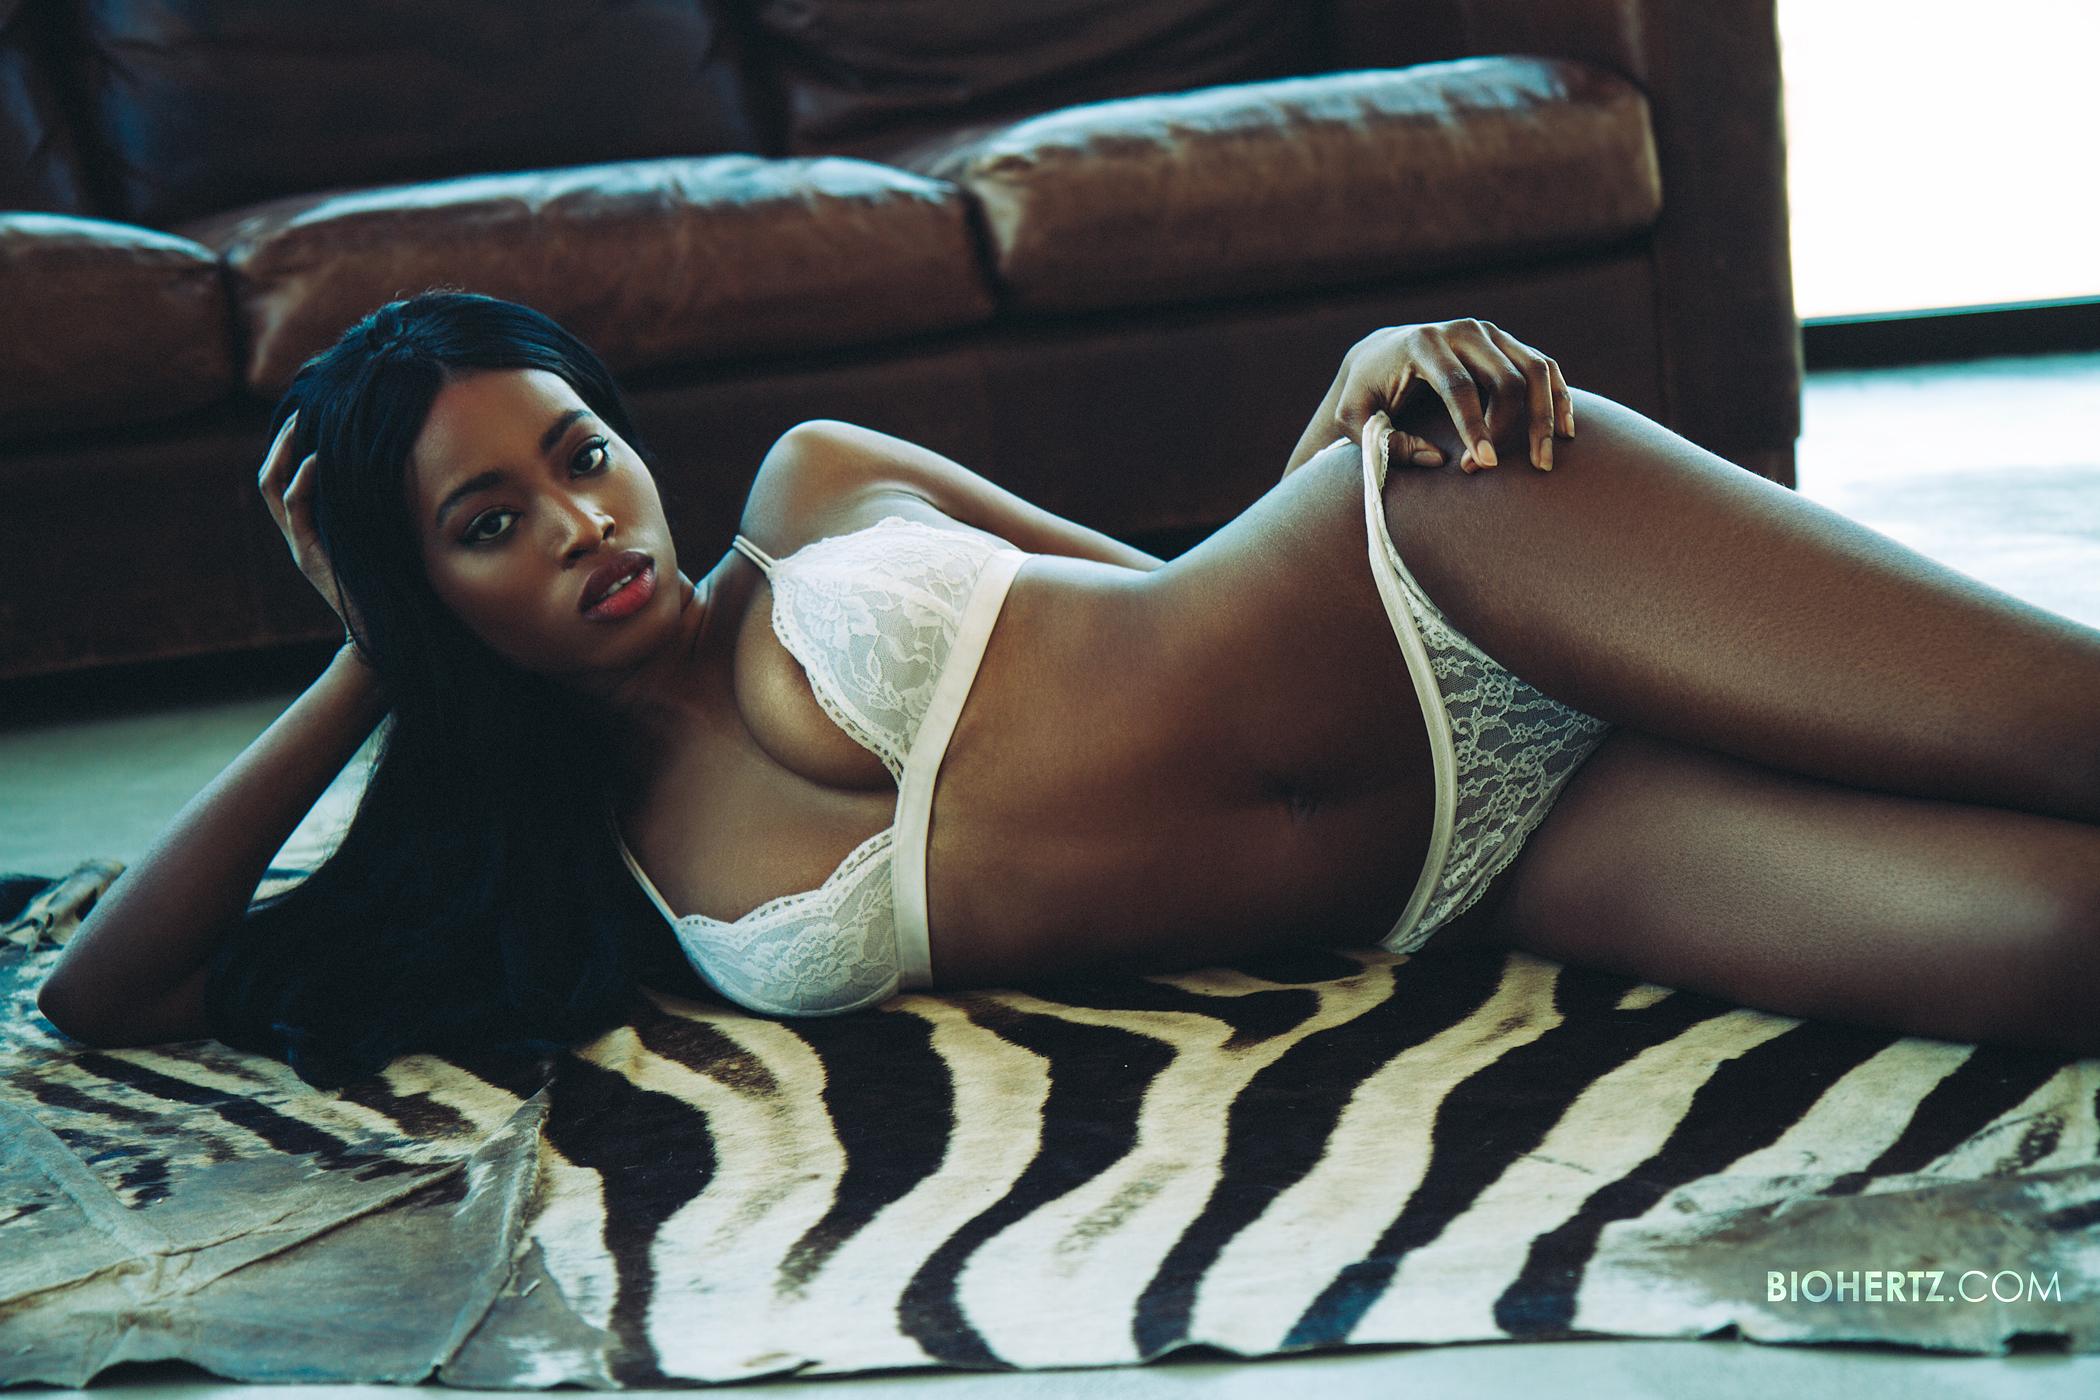 lingerie-photographer-chicago-glamour-models-zebra-3a-retouchninjas-biohertz.jpg